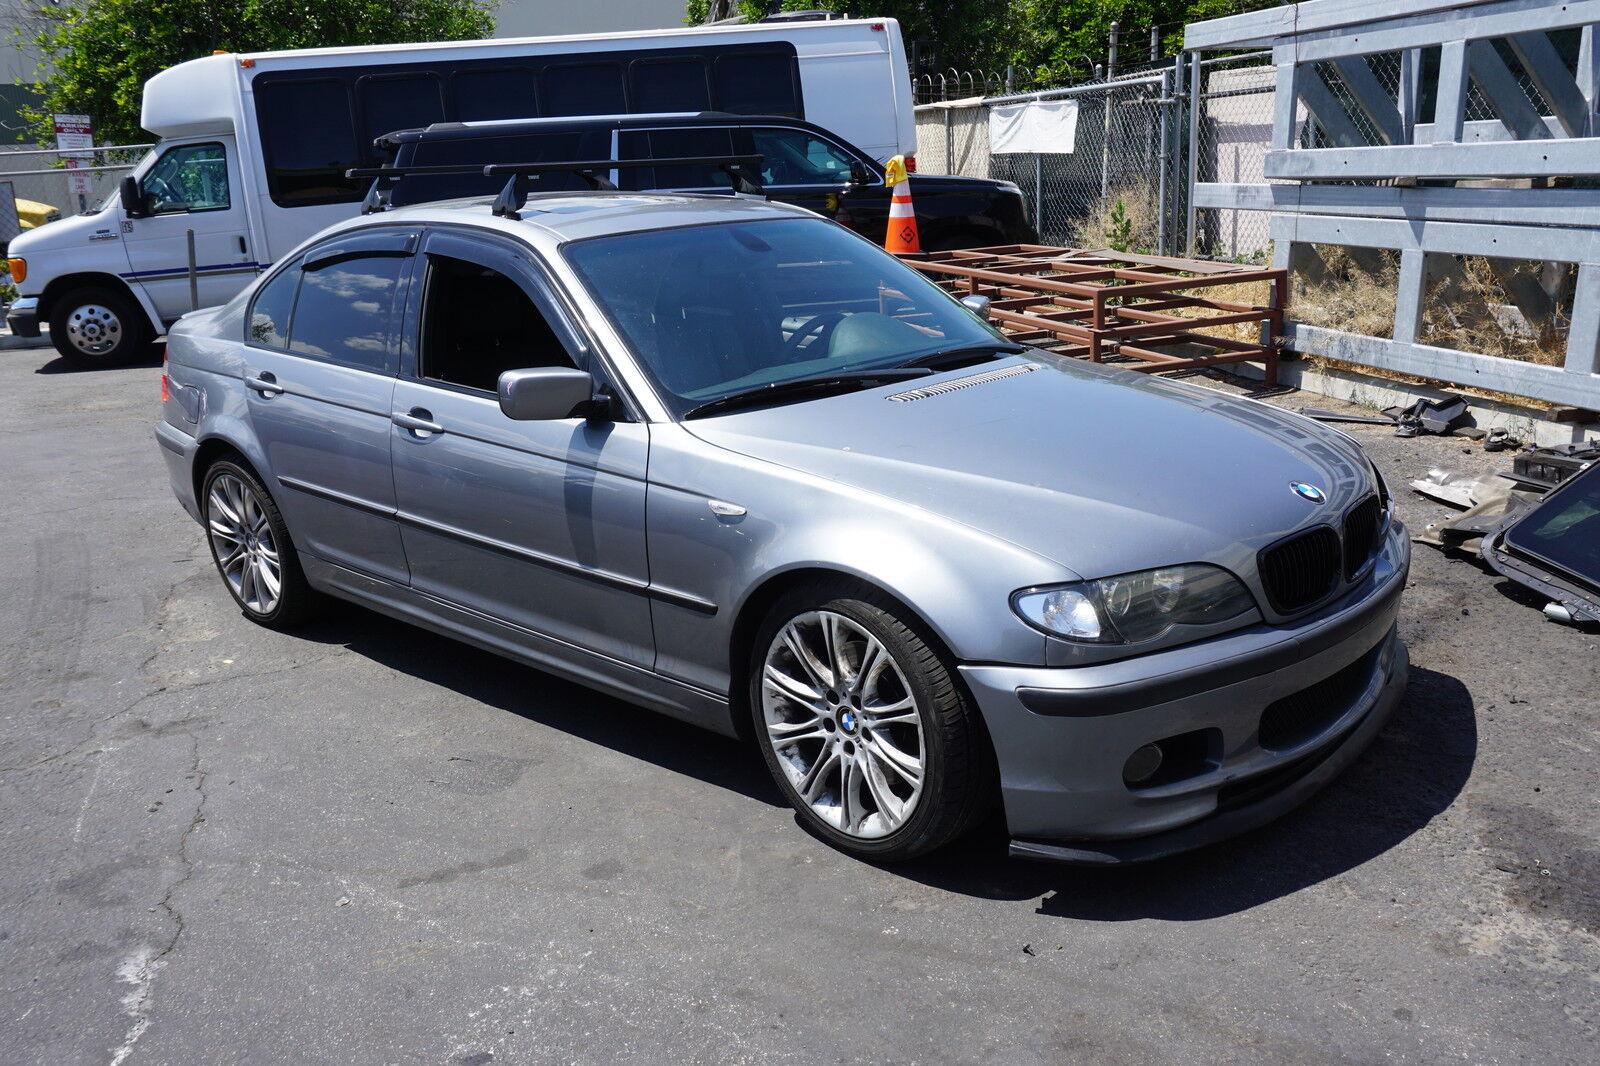 BMW Auto Recycling